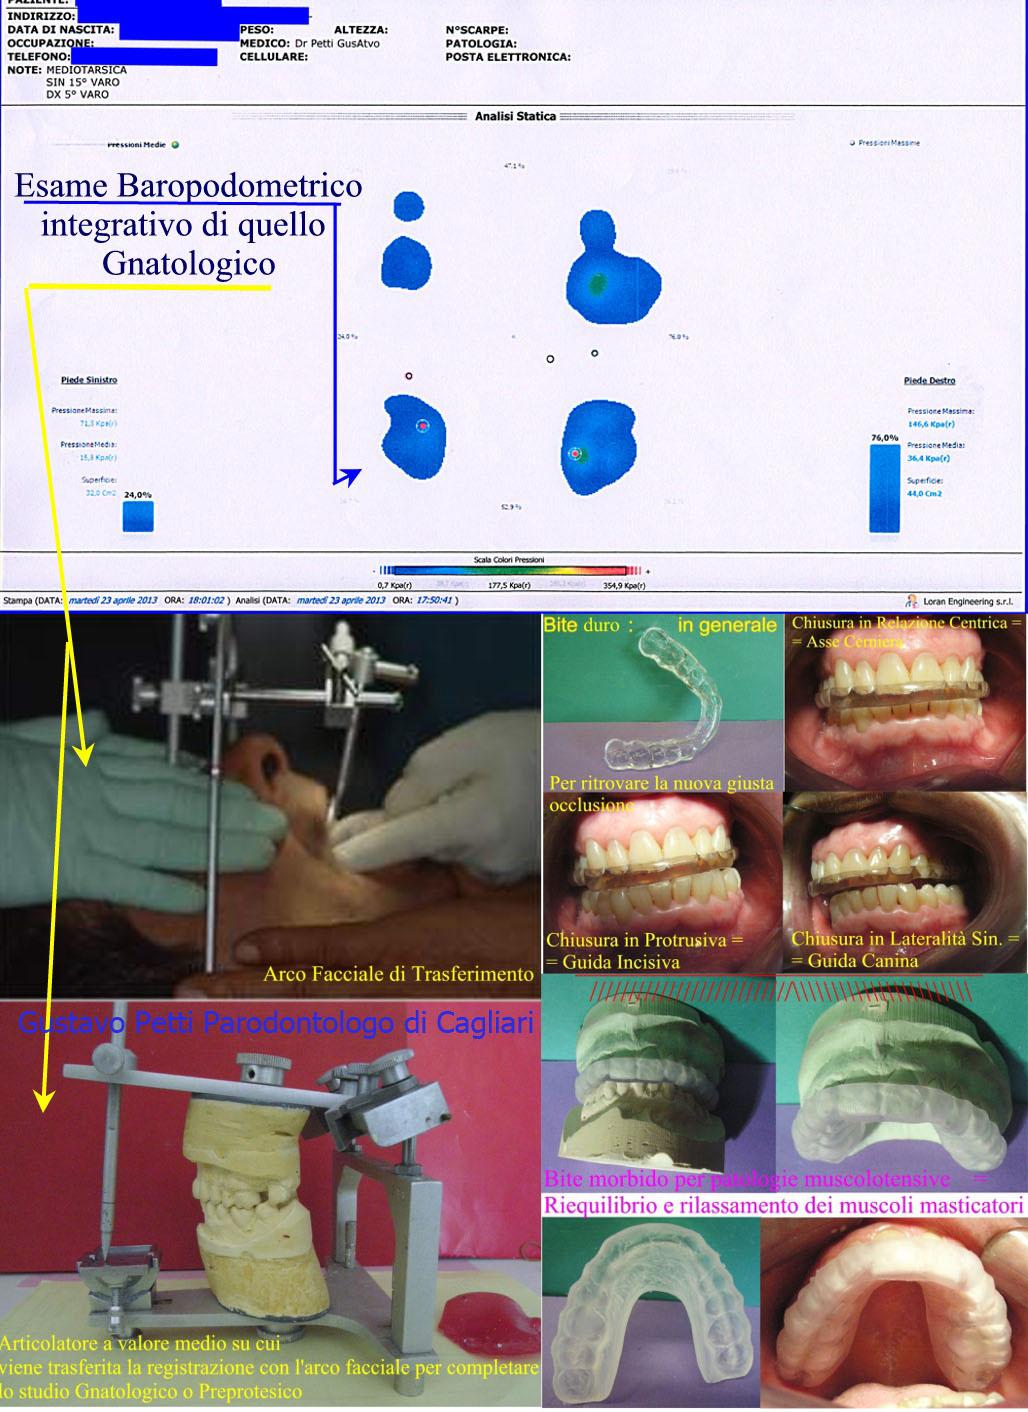 analisi-gnatologica-dr-g.petti-cagliari-905.jpg